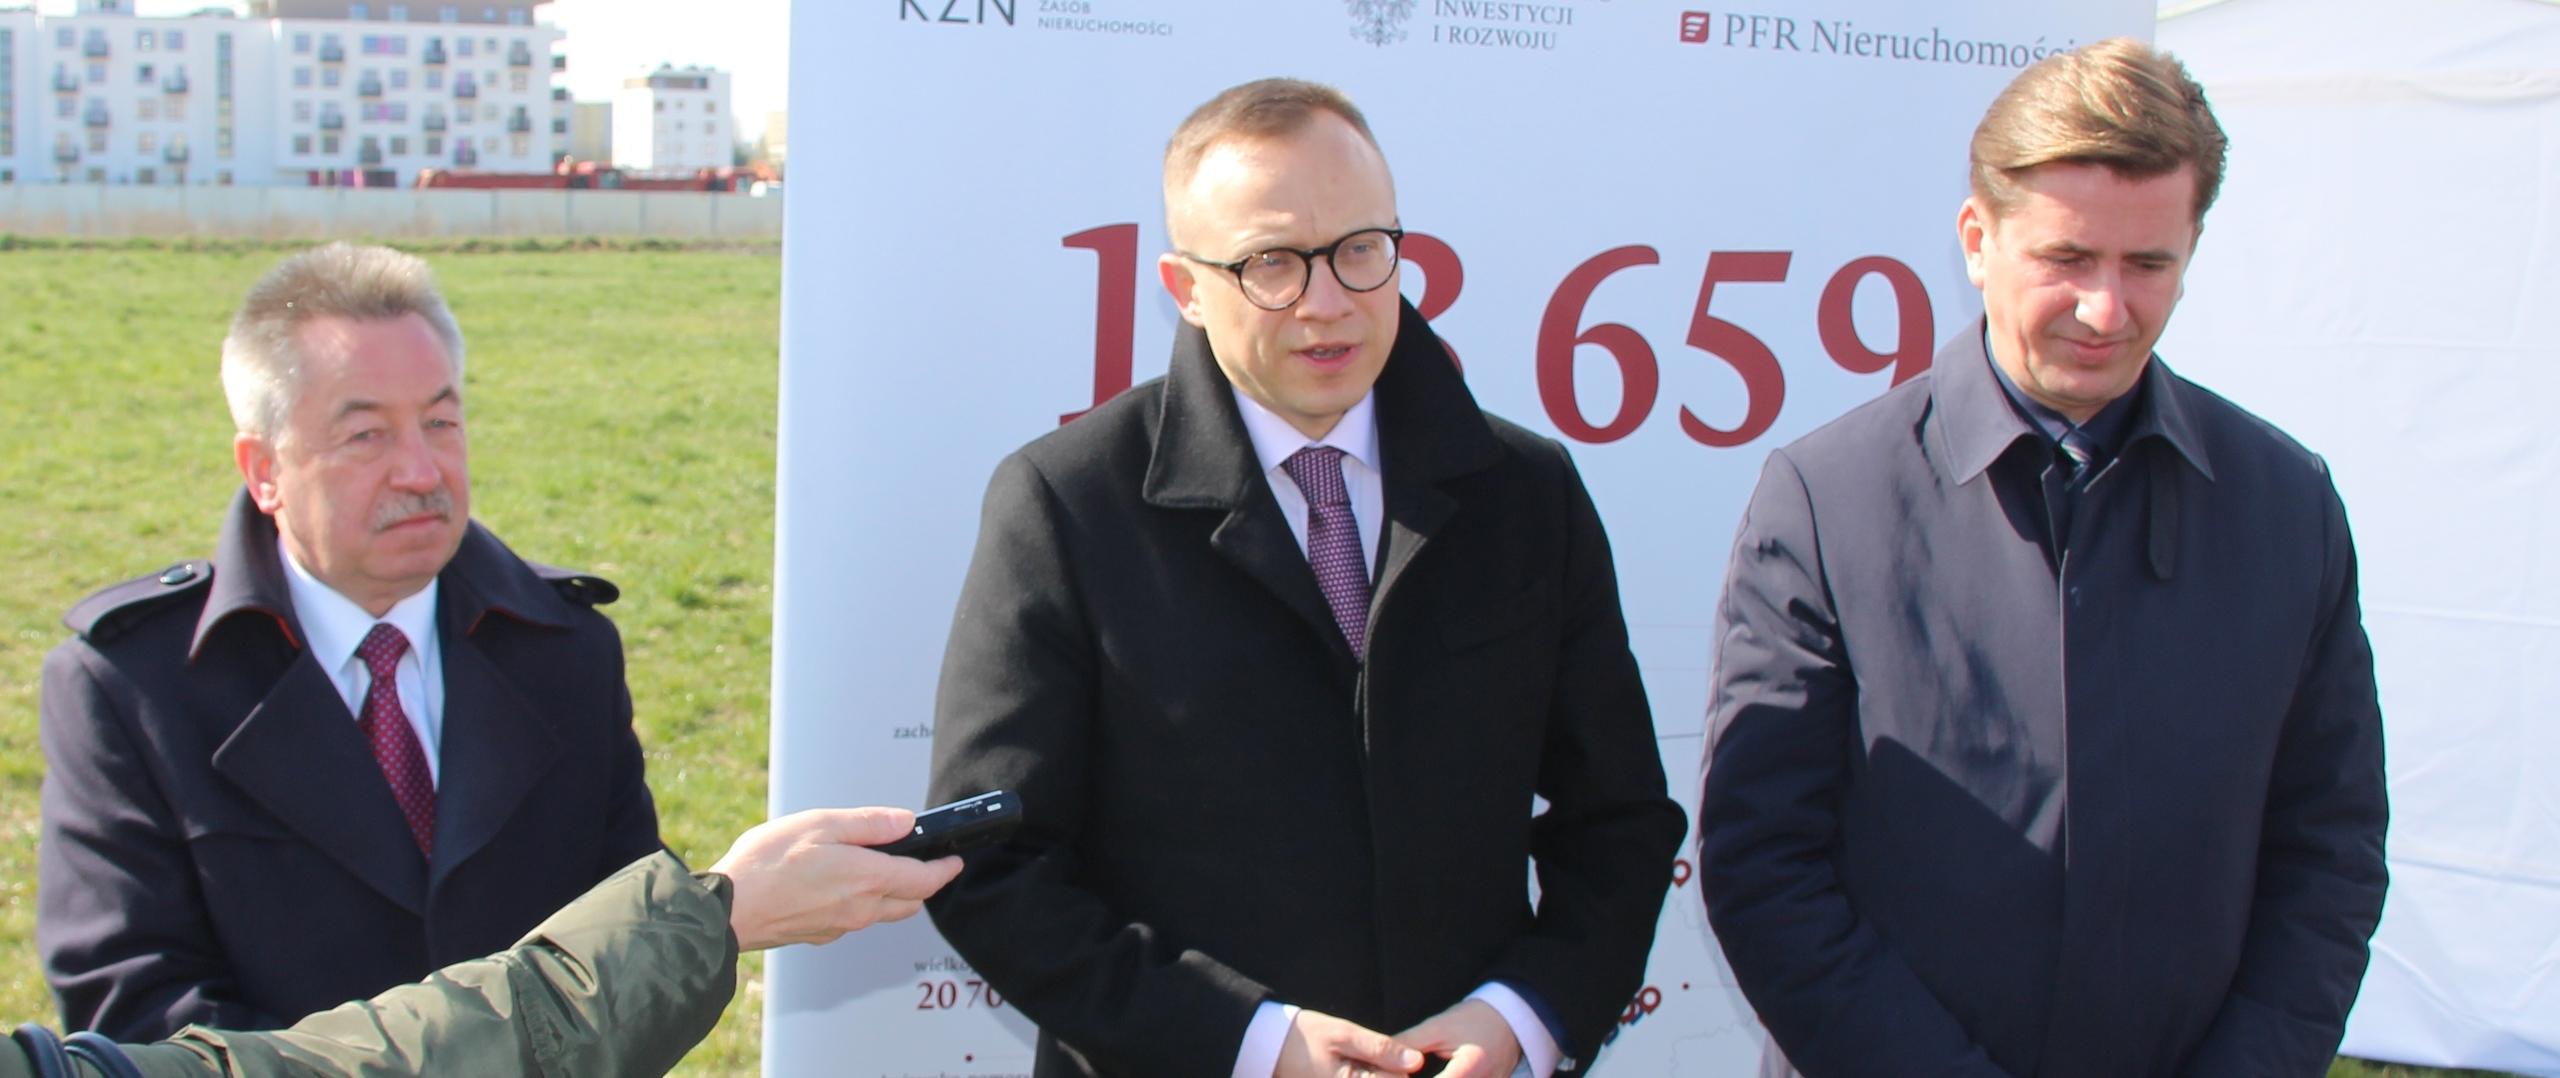 63 tysiące Mieszkań Plus na gruntach KZN